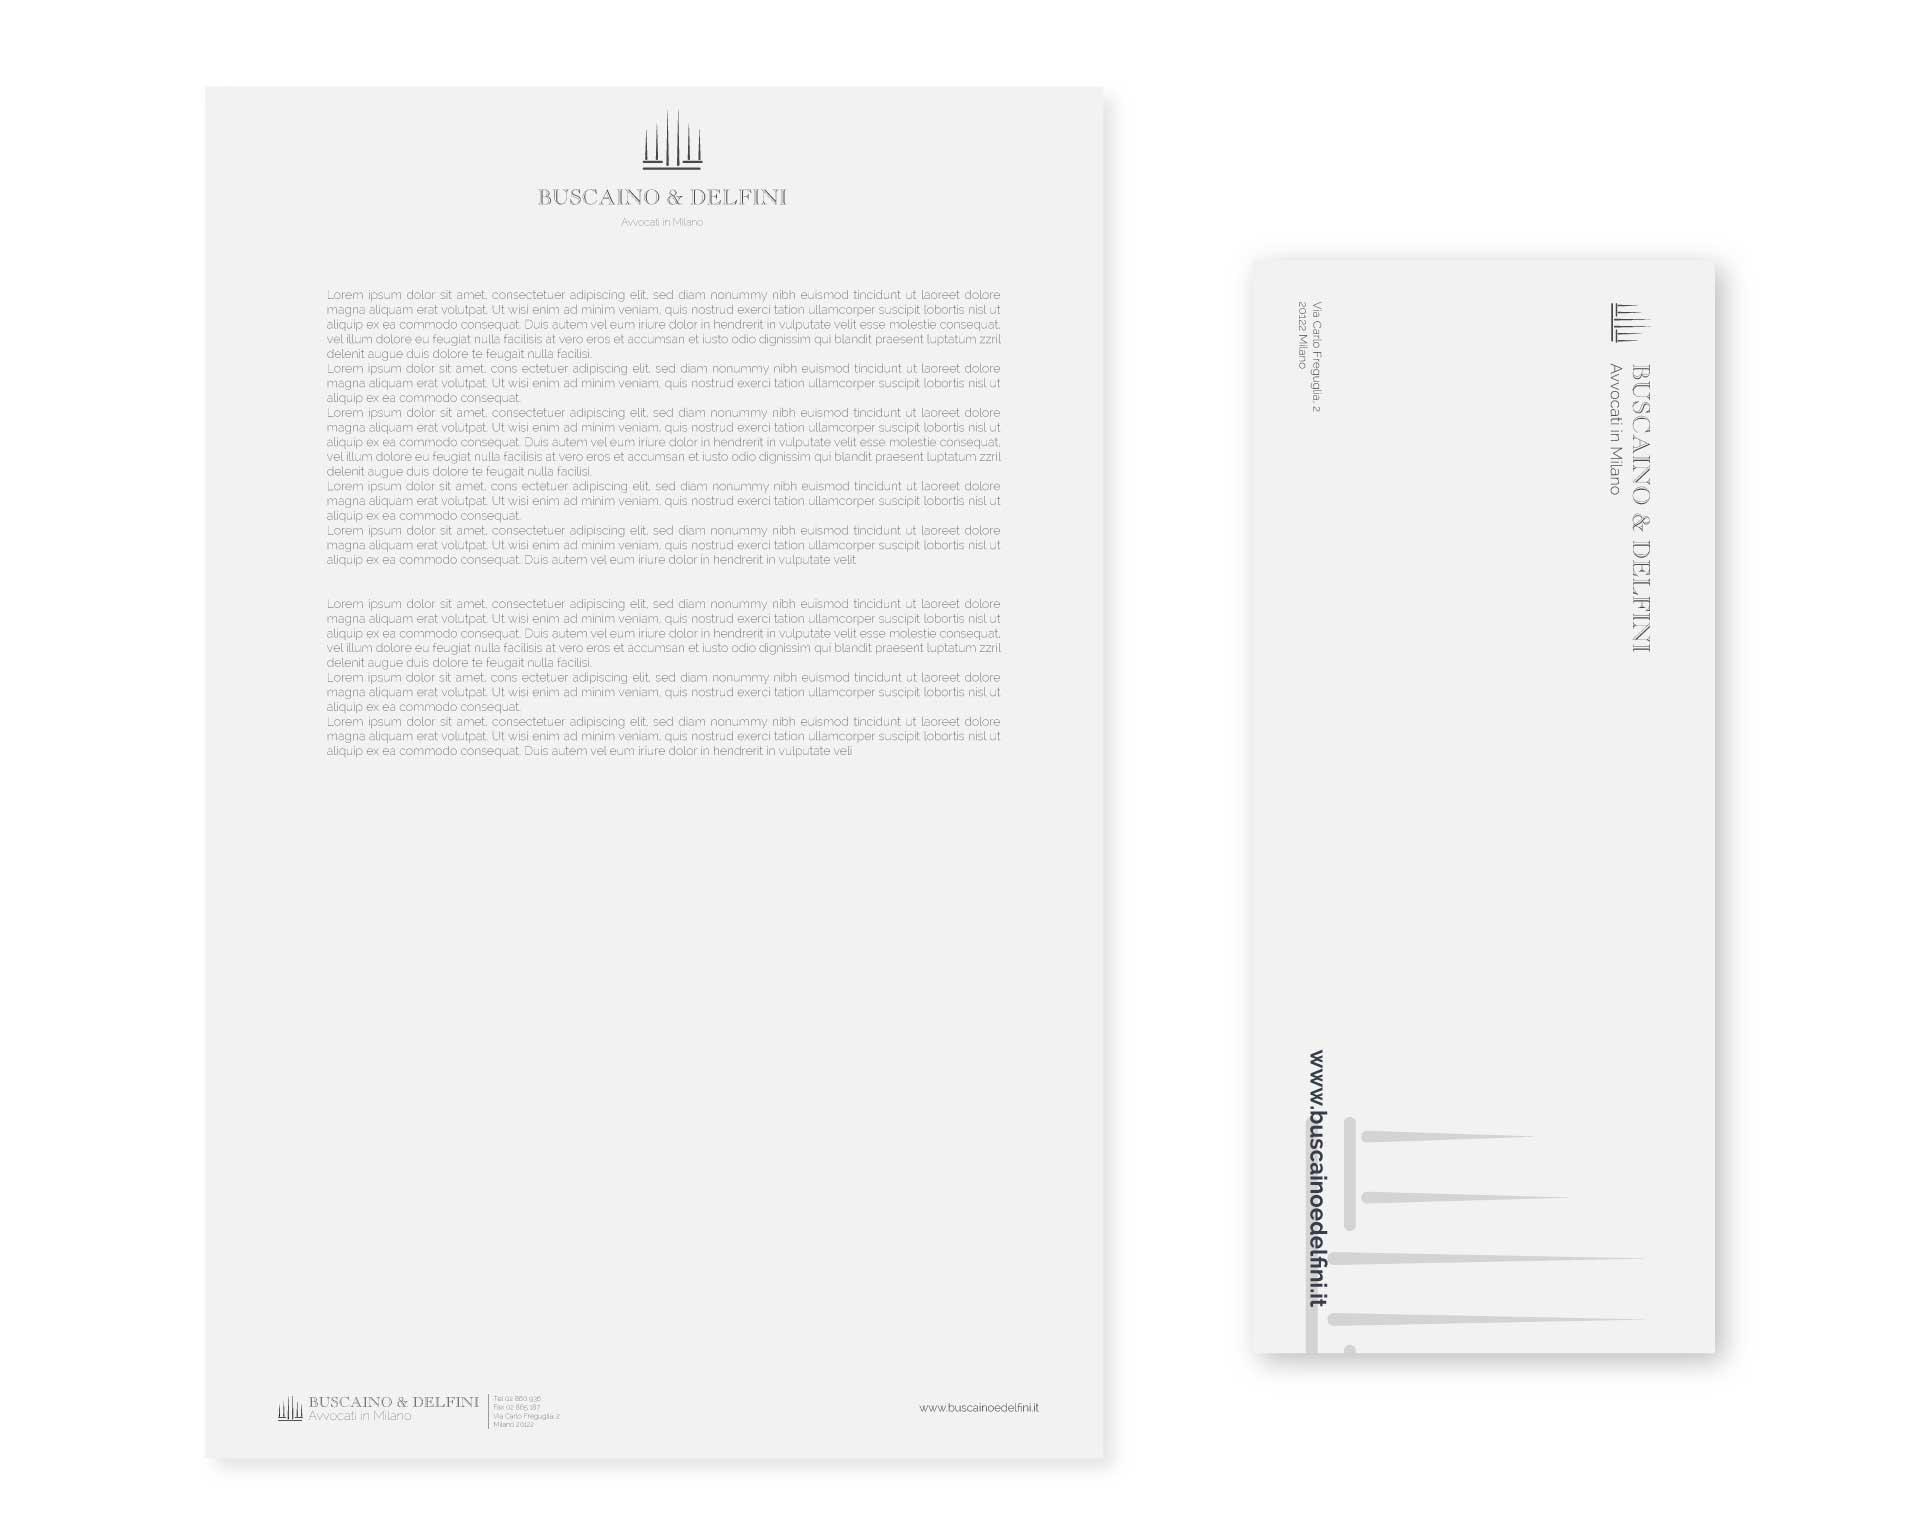 buscaino & delfini moodmama sito brochure web branding rebranding carta da lettere